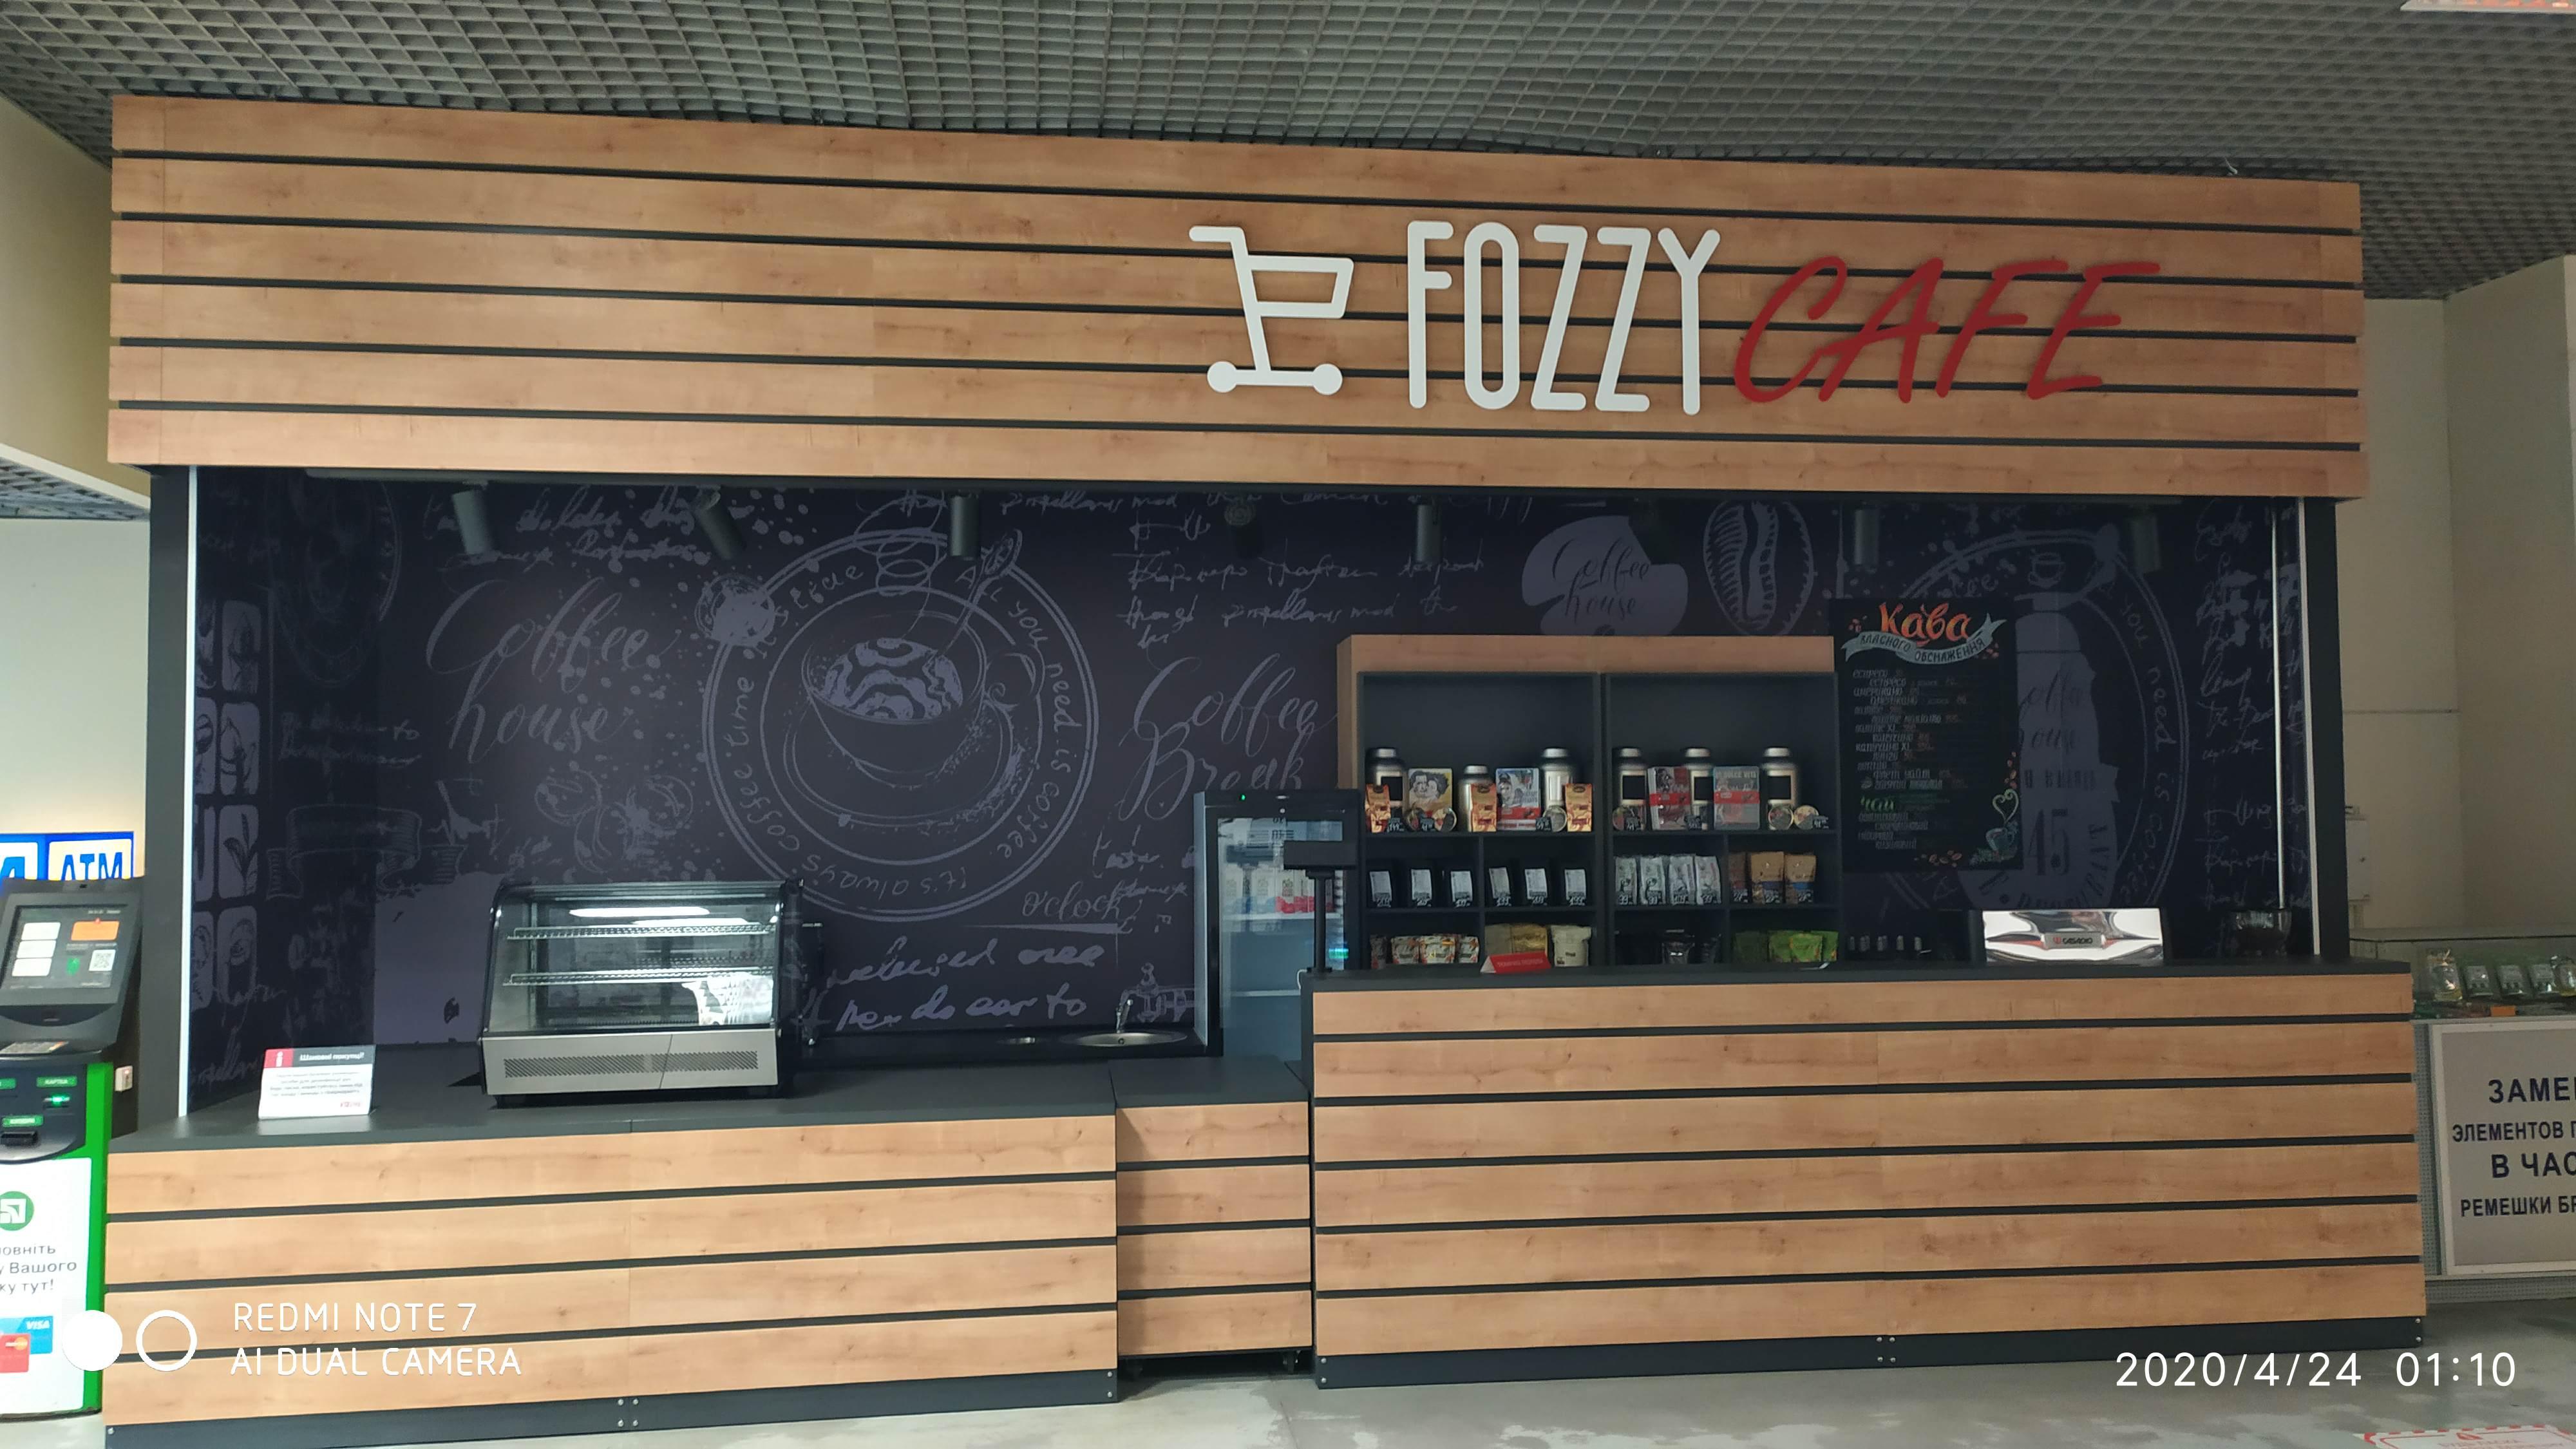 Фото Монтаж кофейного магазина. Для Fozzy group. - 3 ночи